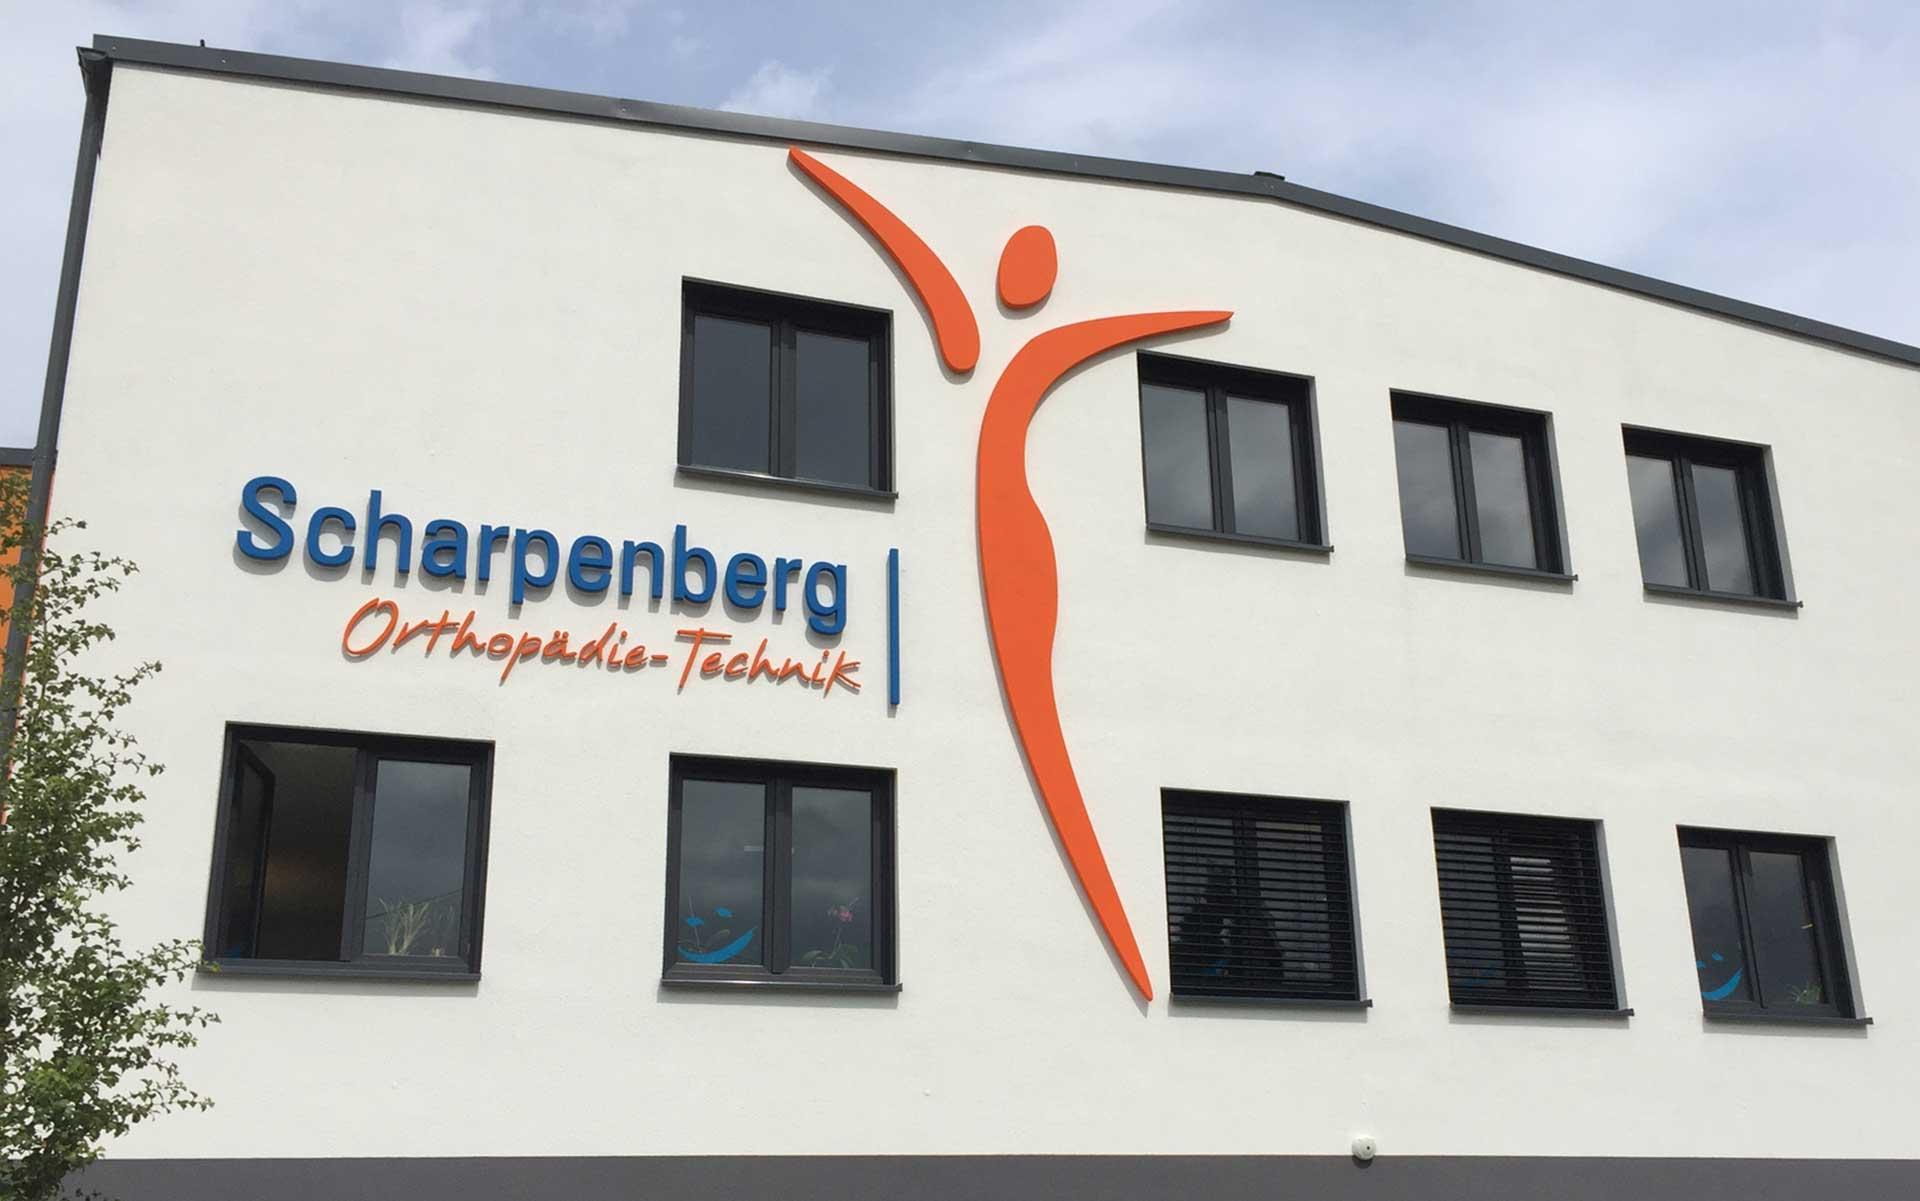 Werbung an der Fassade Schwarpenberg